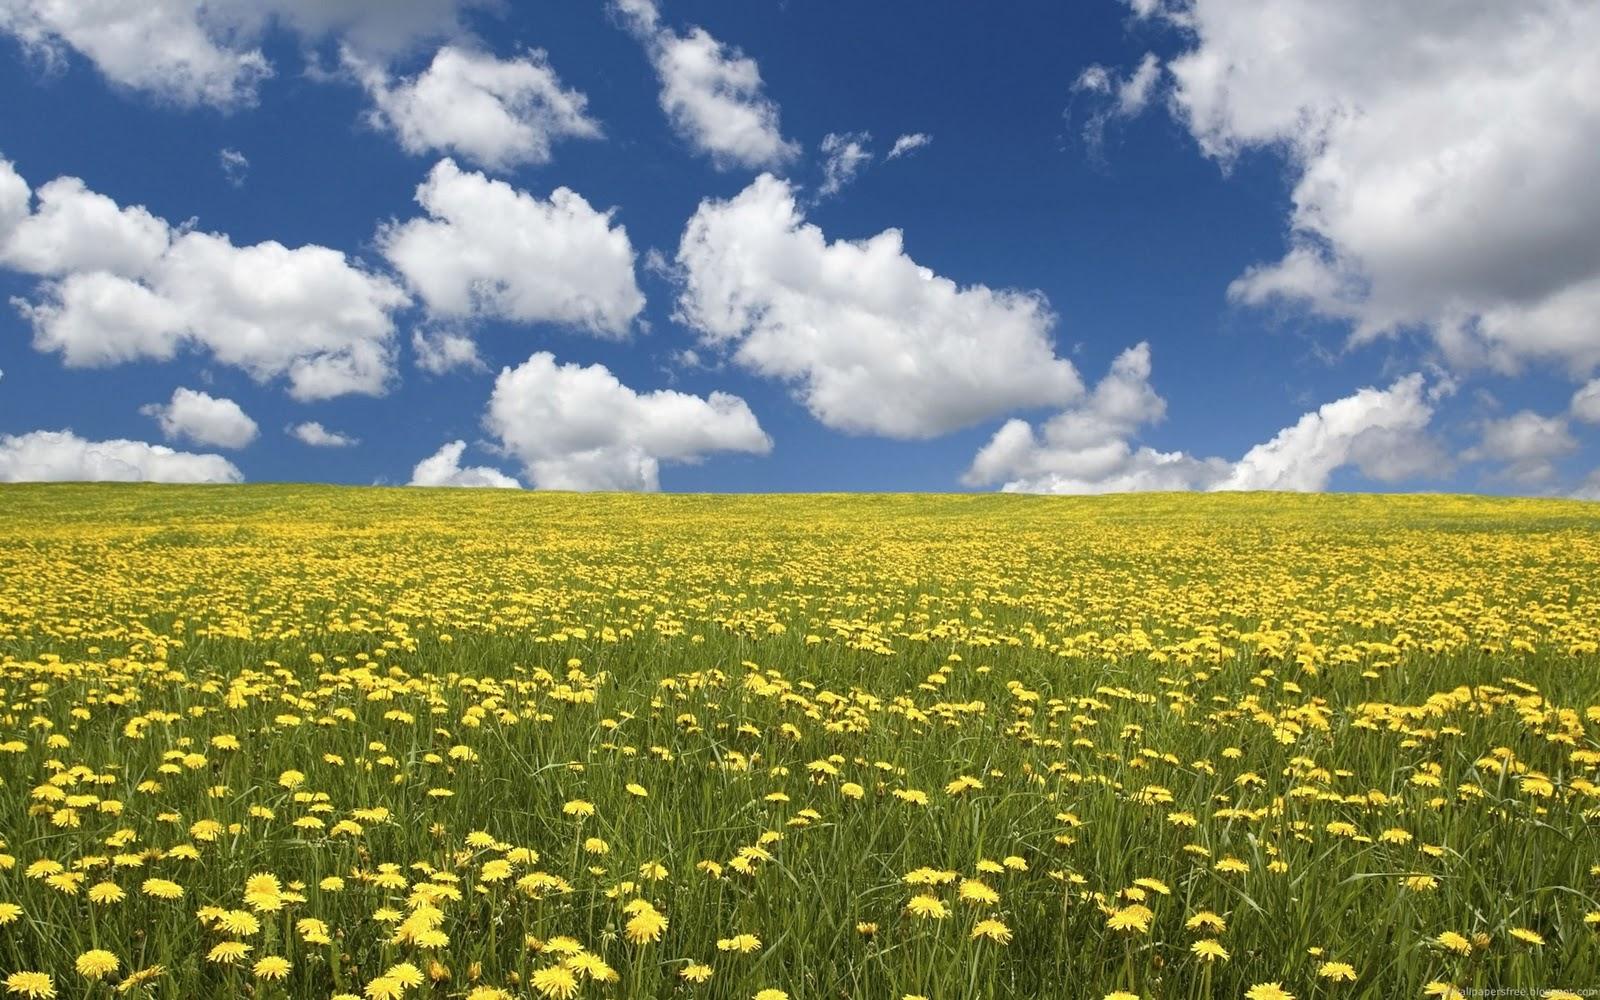 Summer Flower Field Wallpaper hallo: Outdoor Landsca...